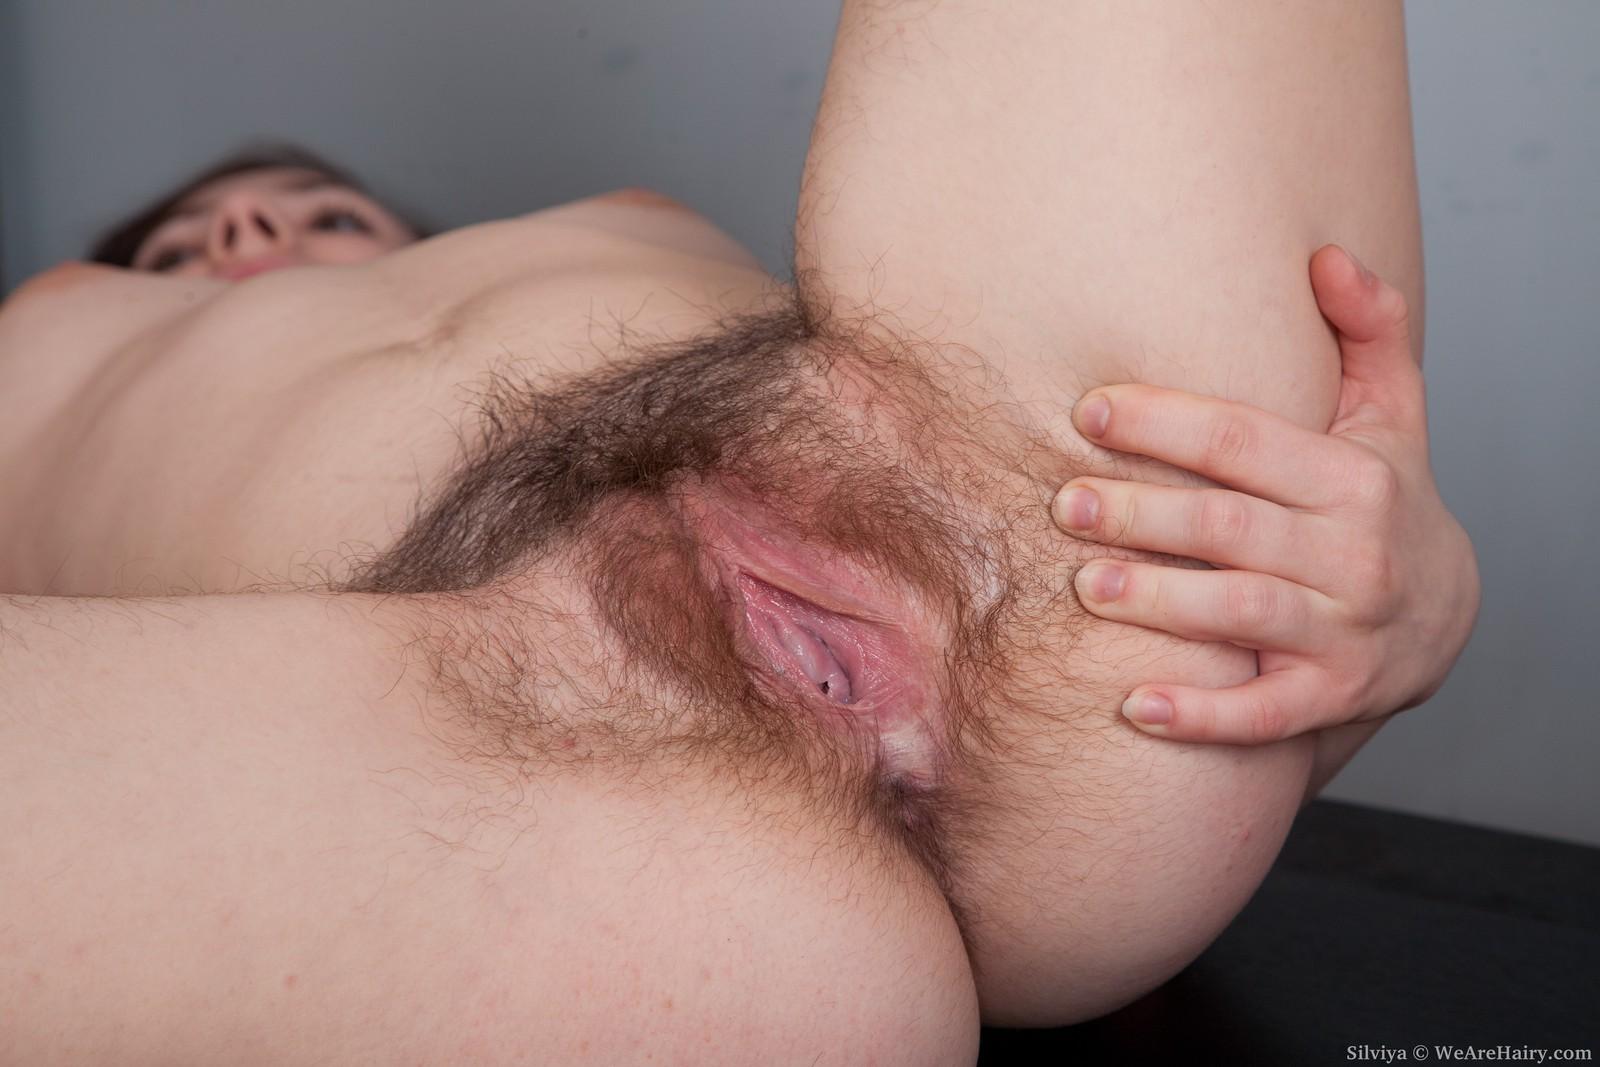 ... sluts movies - real hairy pussy, hairy tatianna @ Hairy Naked Girls